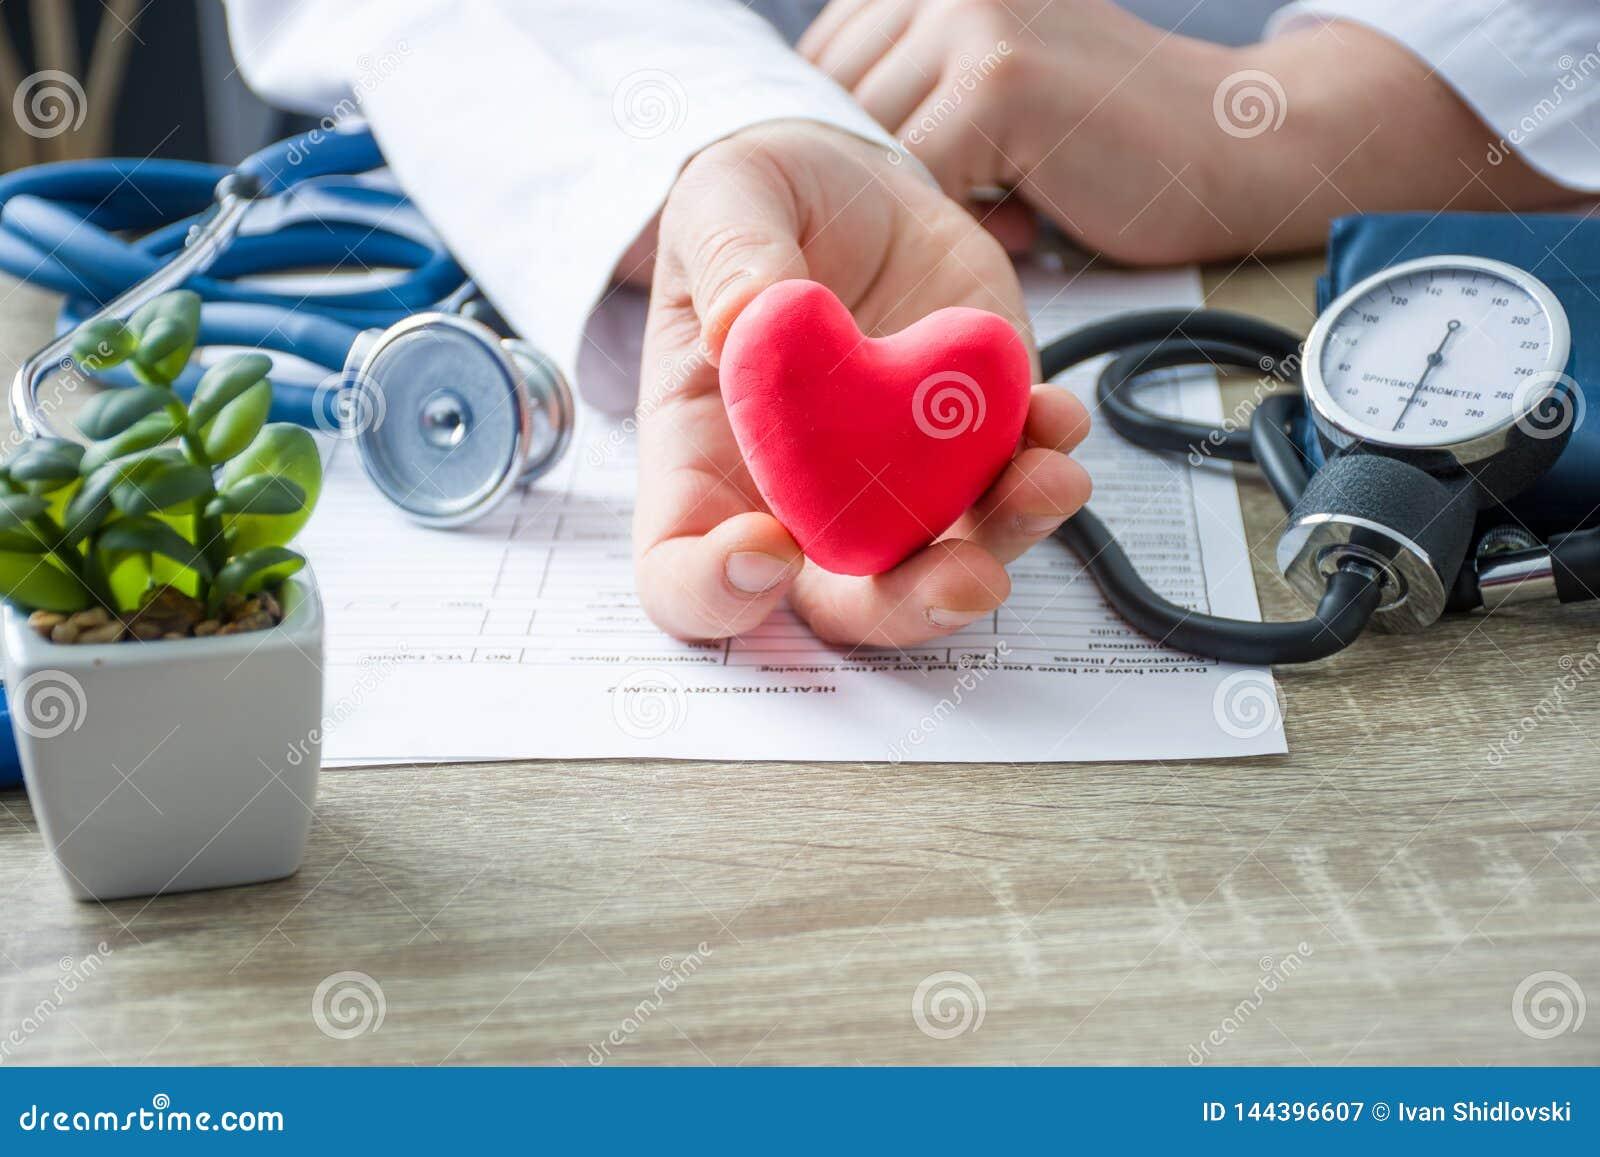 Doctor de la medicina interna y cardiólogo que se sostiene en sus manos y demostraciones a la figura paciente del corazón de la t